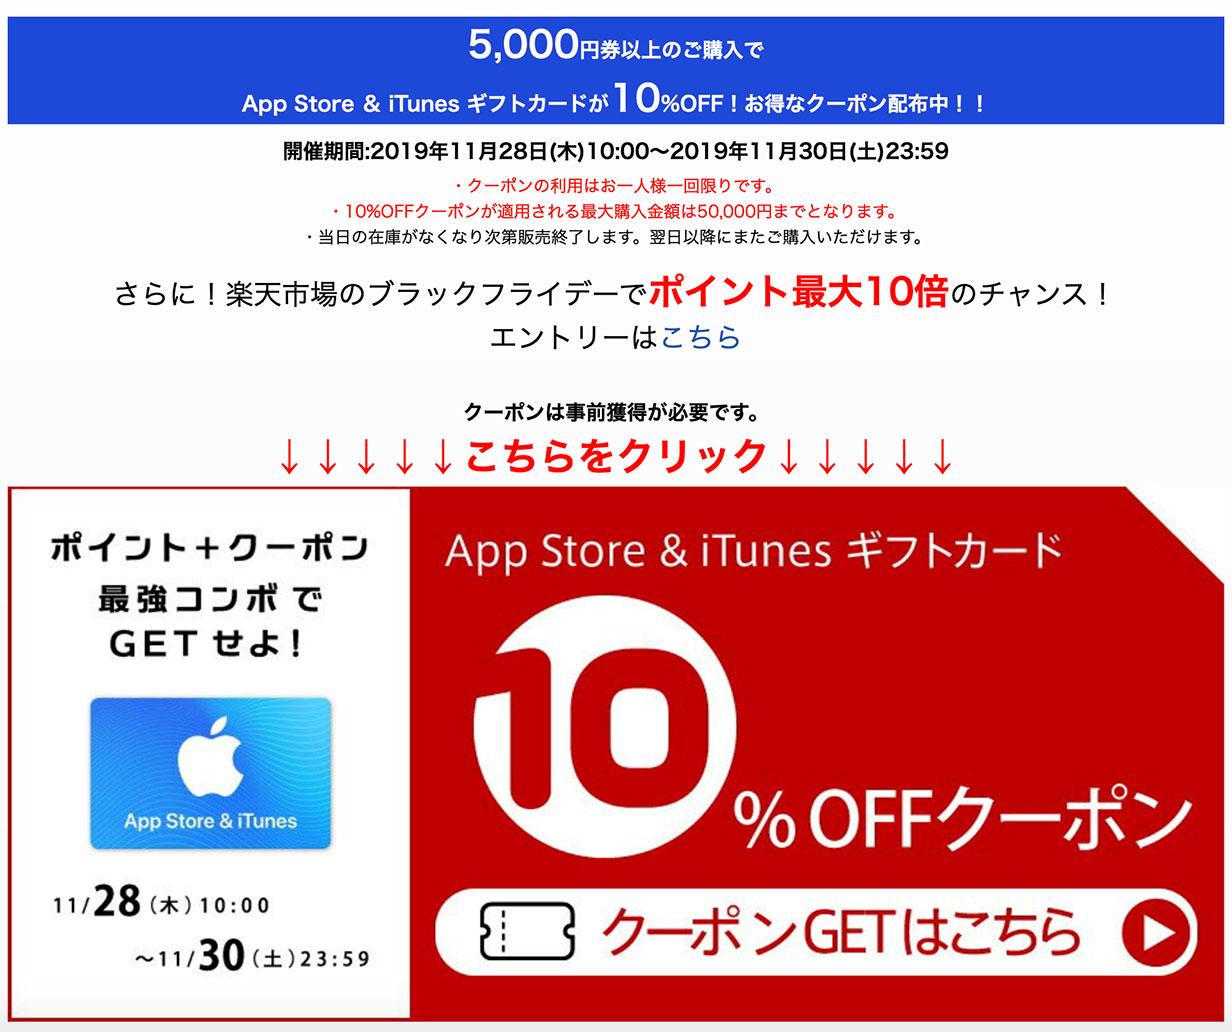 楽天市場、「App Store & iTunes ギフトカード」が10%オフになるキャンペーン実施中(11/30まで)